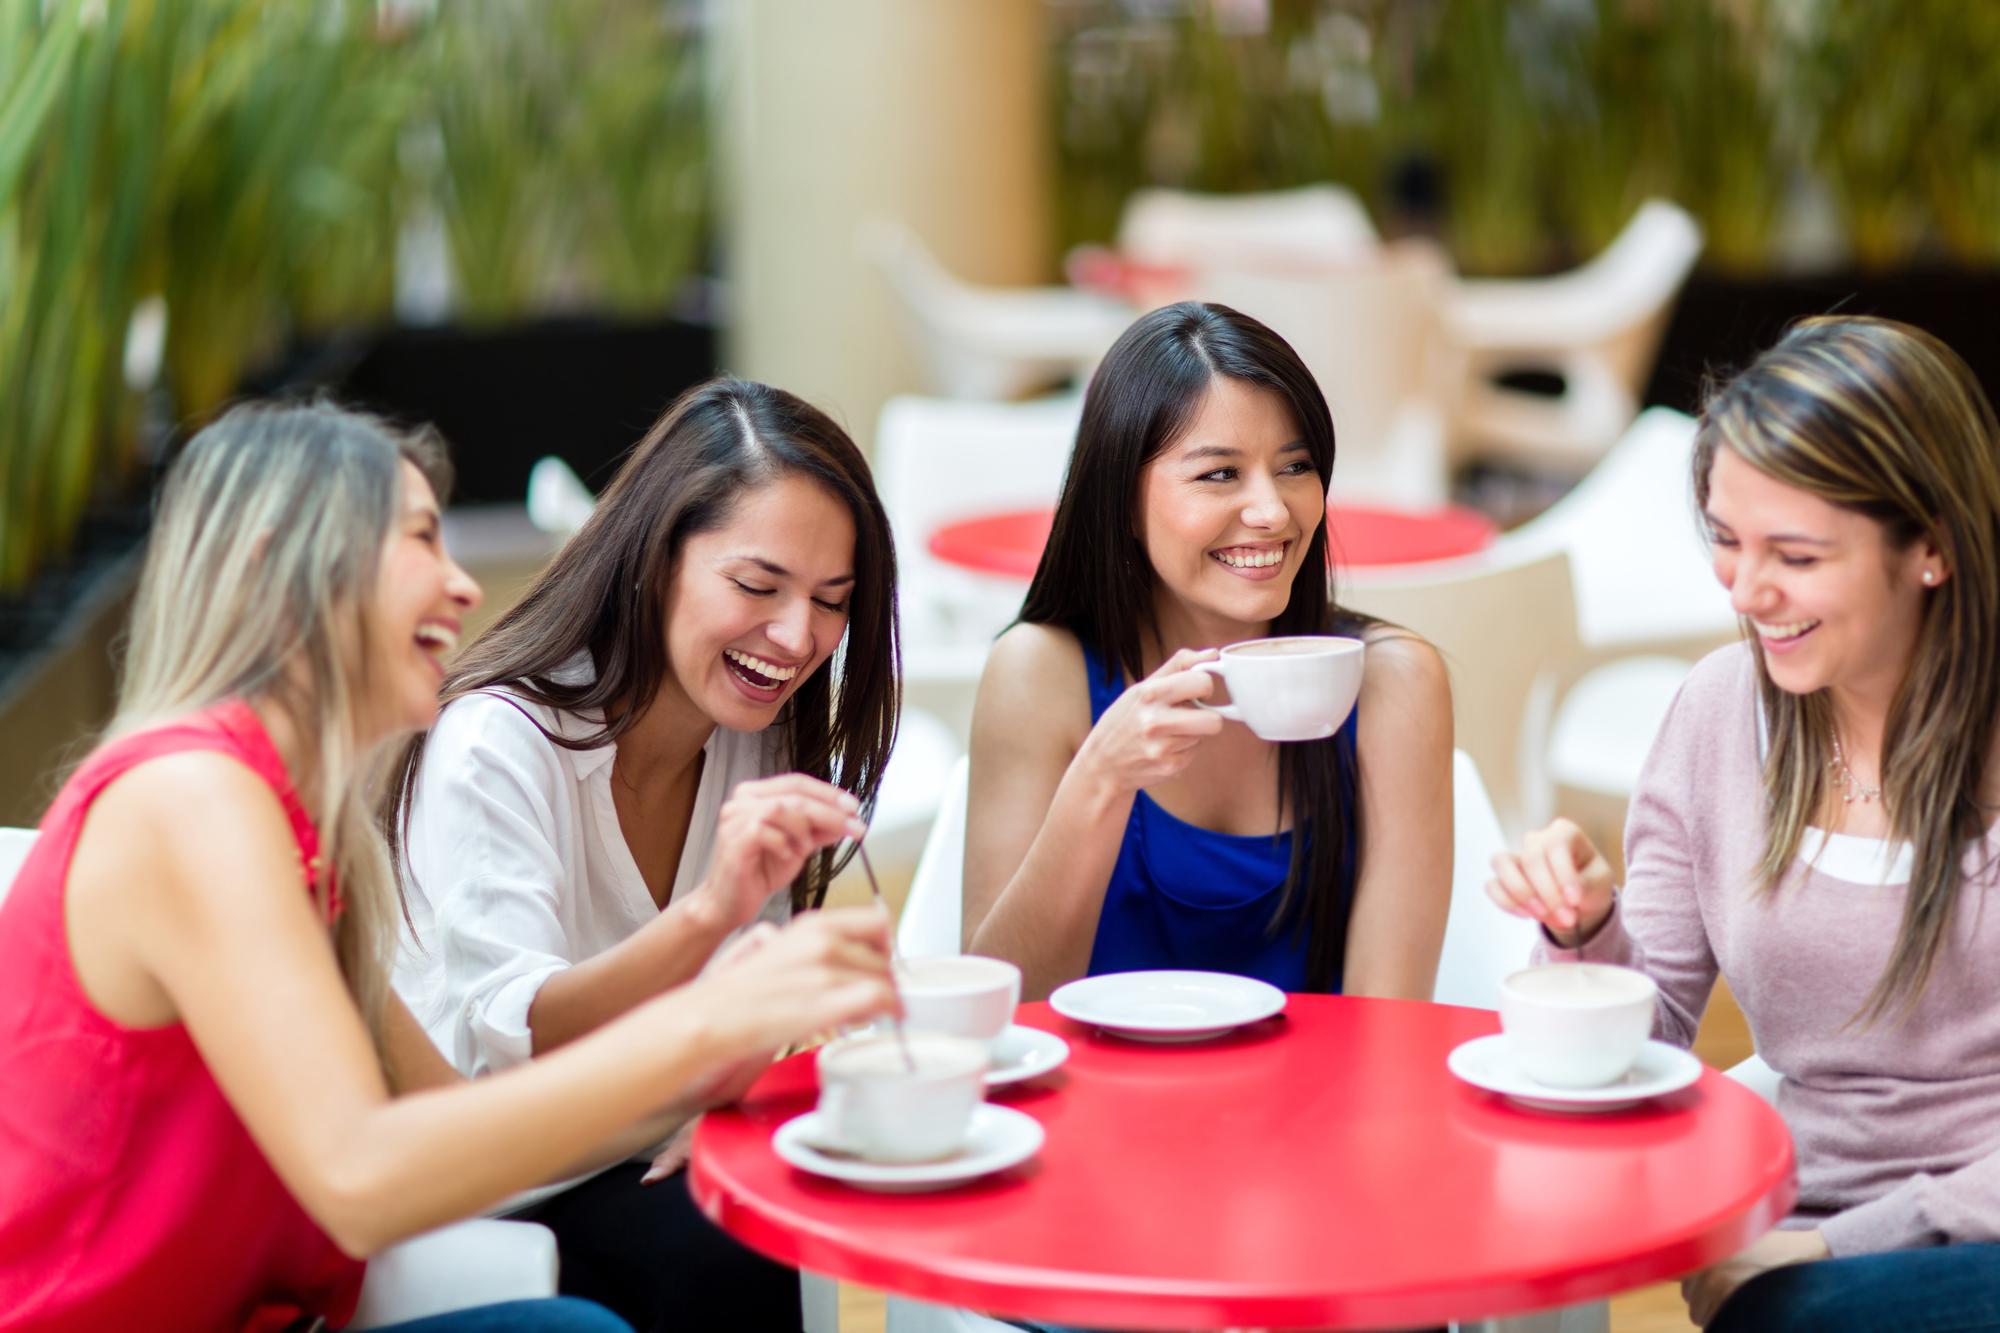 Друзья в кафе в картинках